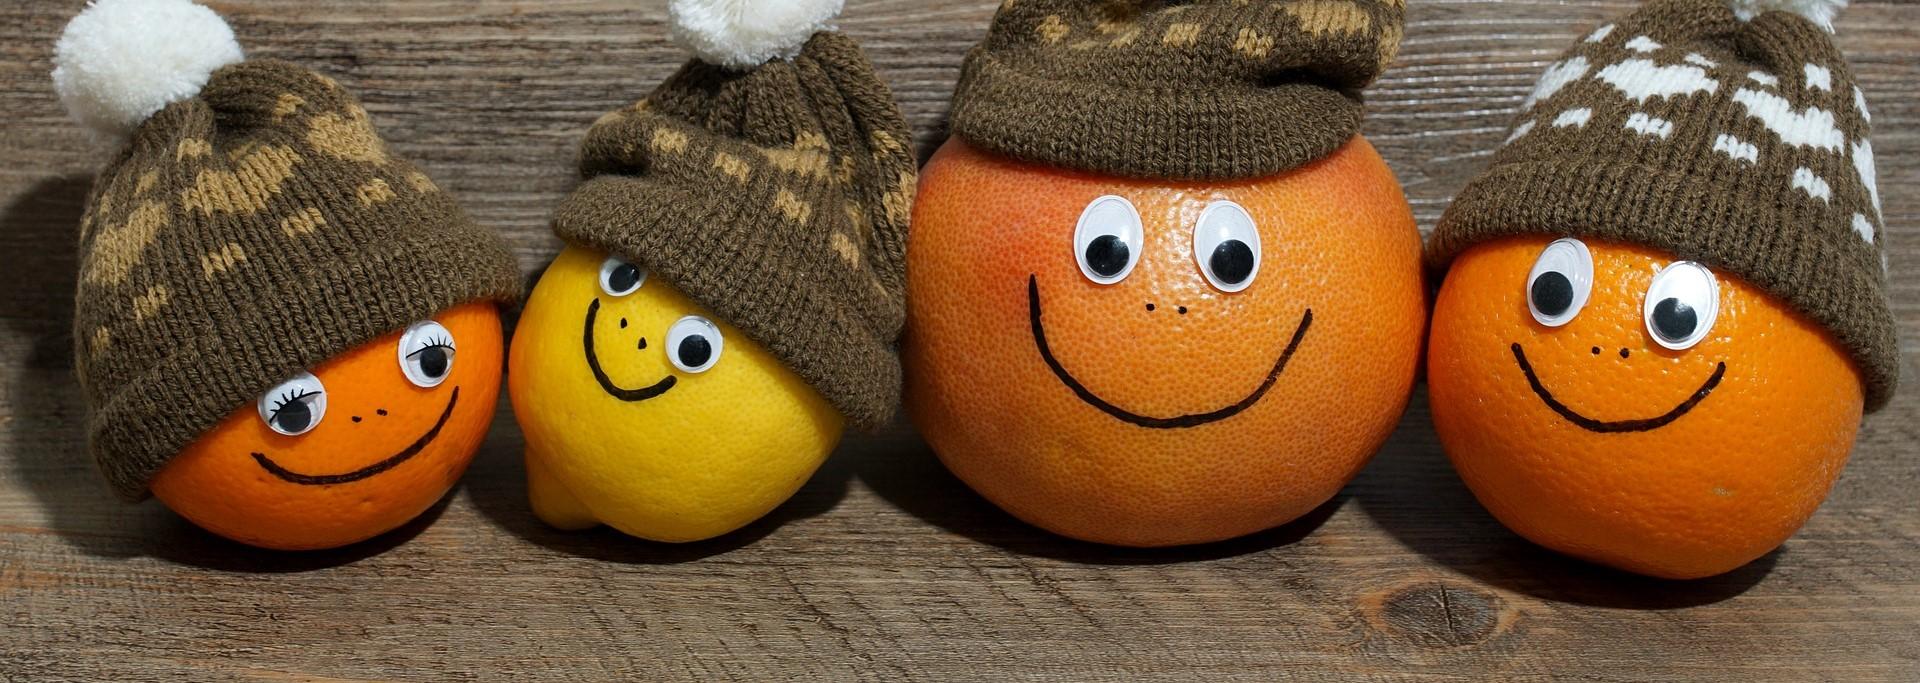 fruits-3137143_1920-4